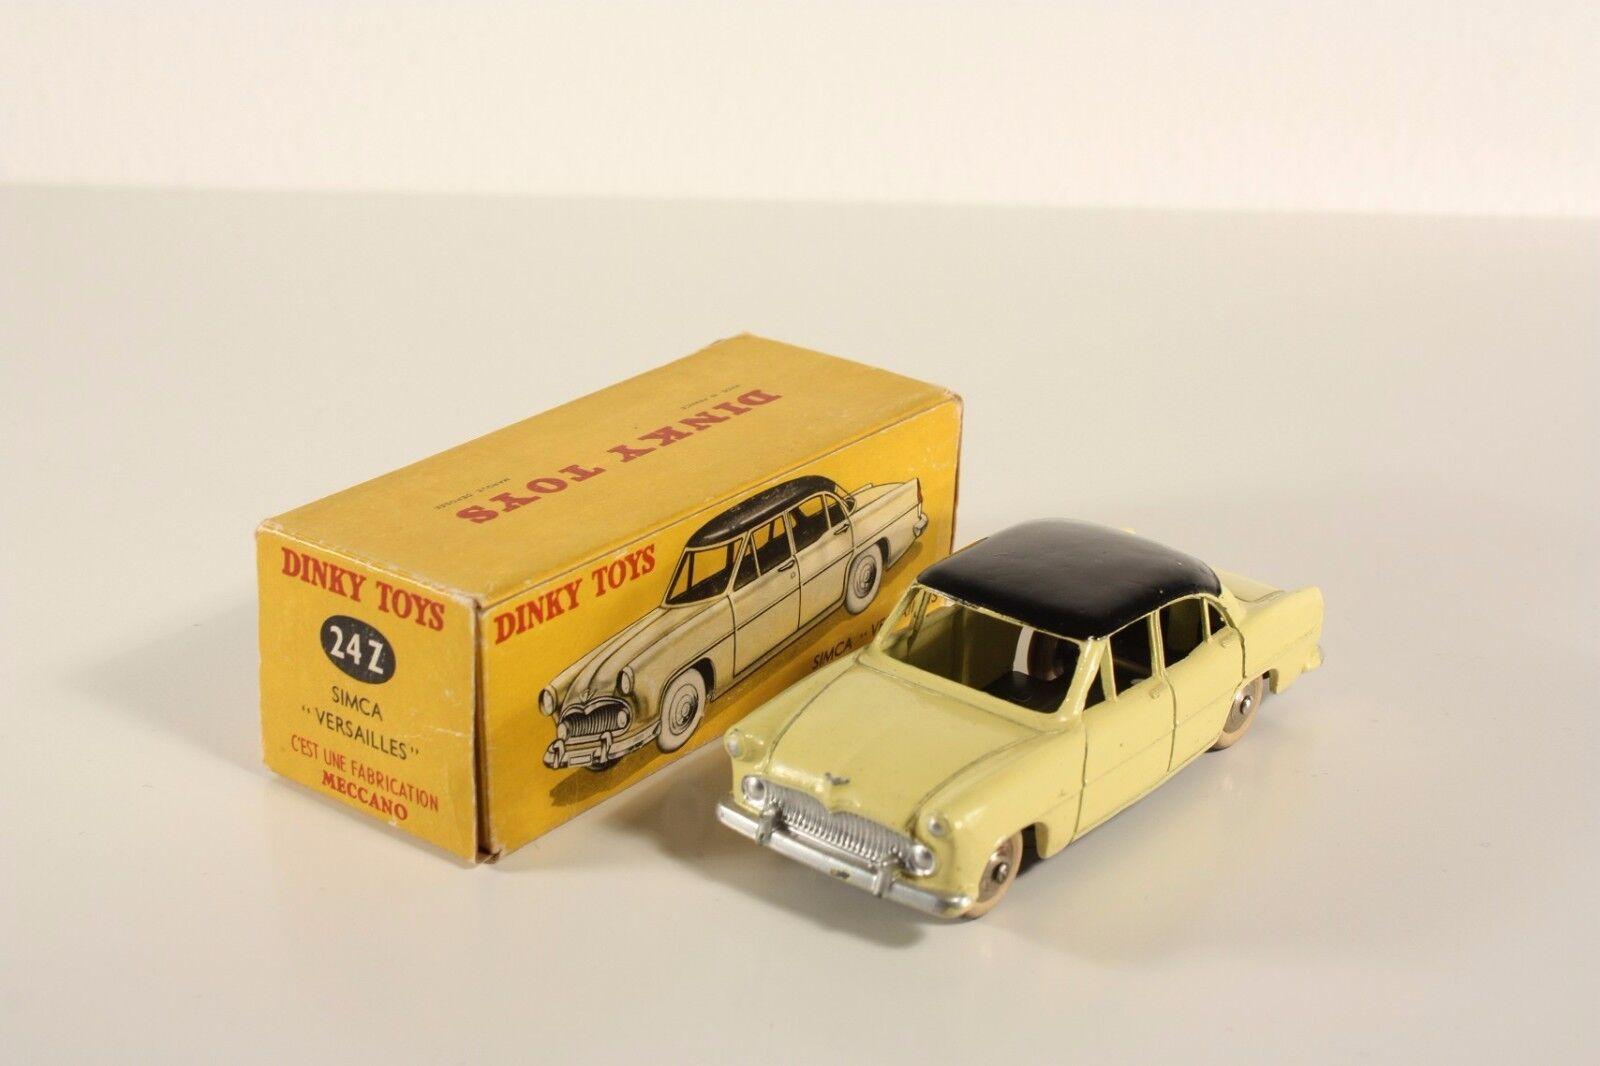 Dinky toys 24 Z, Z, Z, SIMCA VERSAILLES, Comme neuf in box #ab1777 | Attrayant De Mode  | Acheter  | Une Bonne Conservation De La Chaleur  433bcf